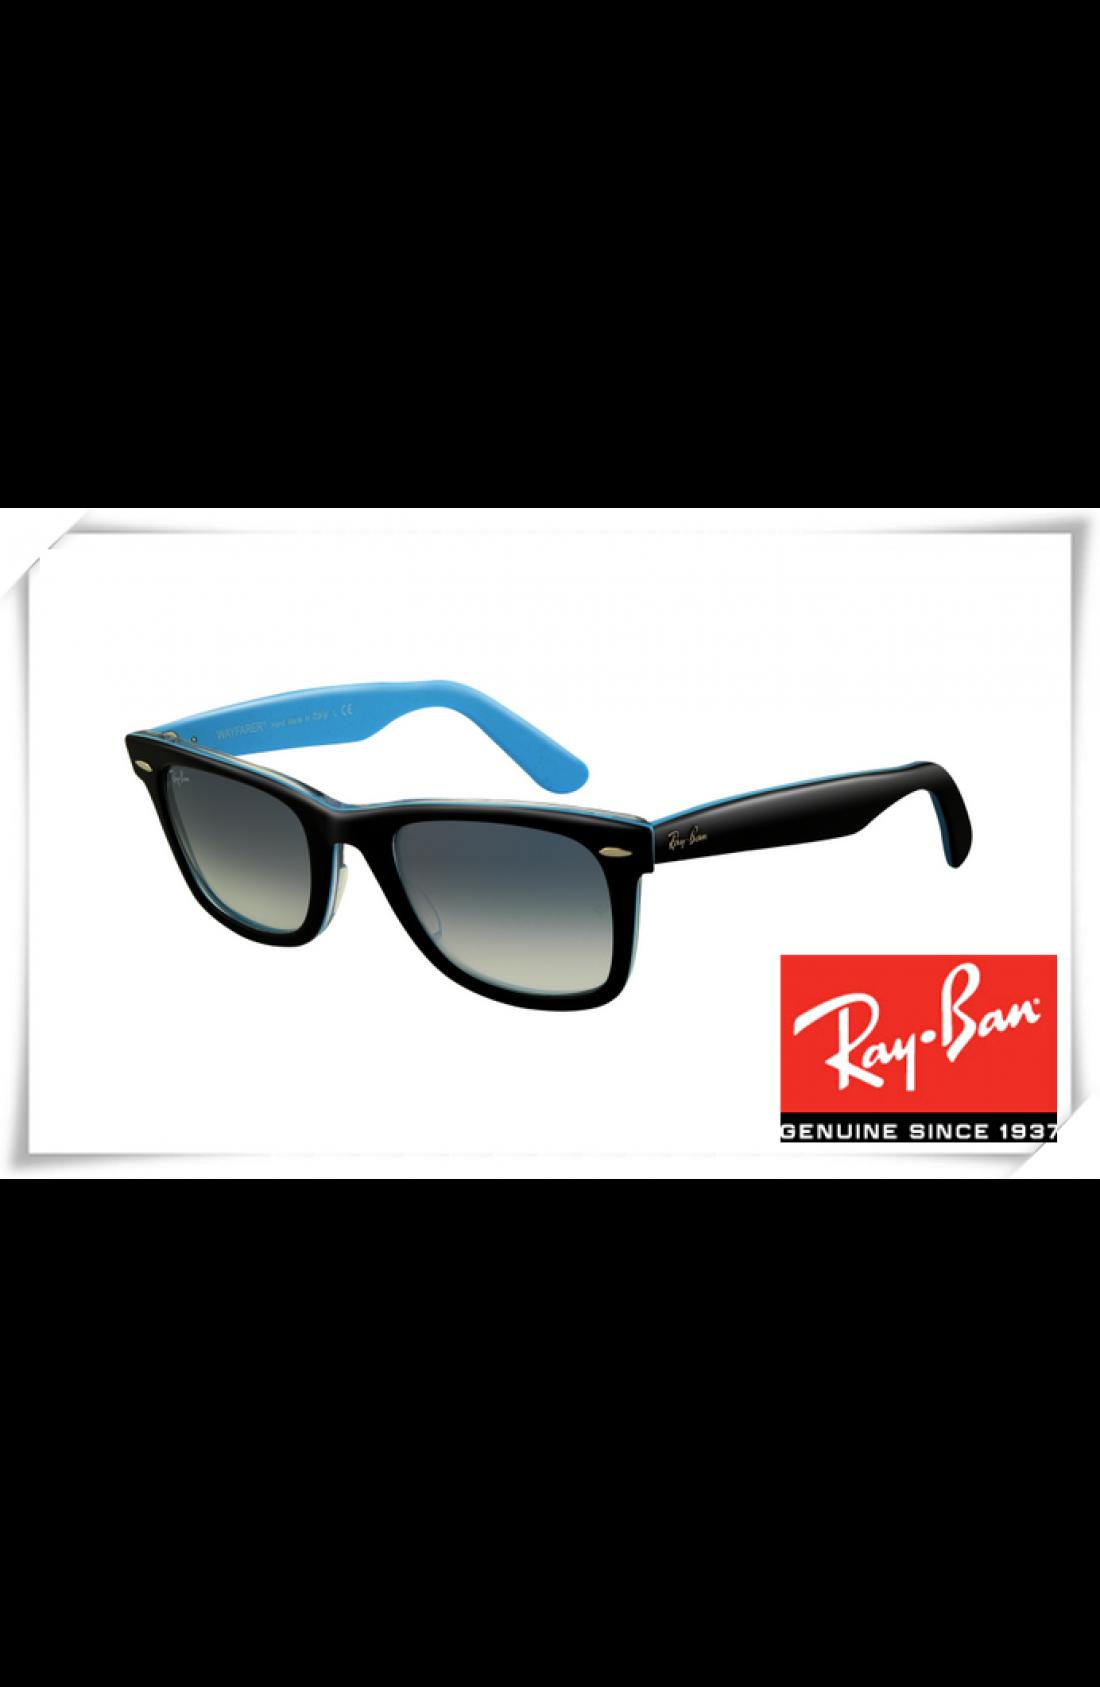 a00bed24ea Replica Ray Ban RB2140 Original Wayfarer Sunglasses Top Black Blue ...